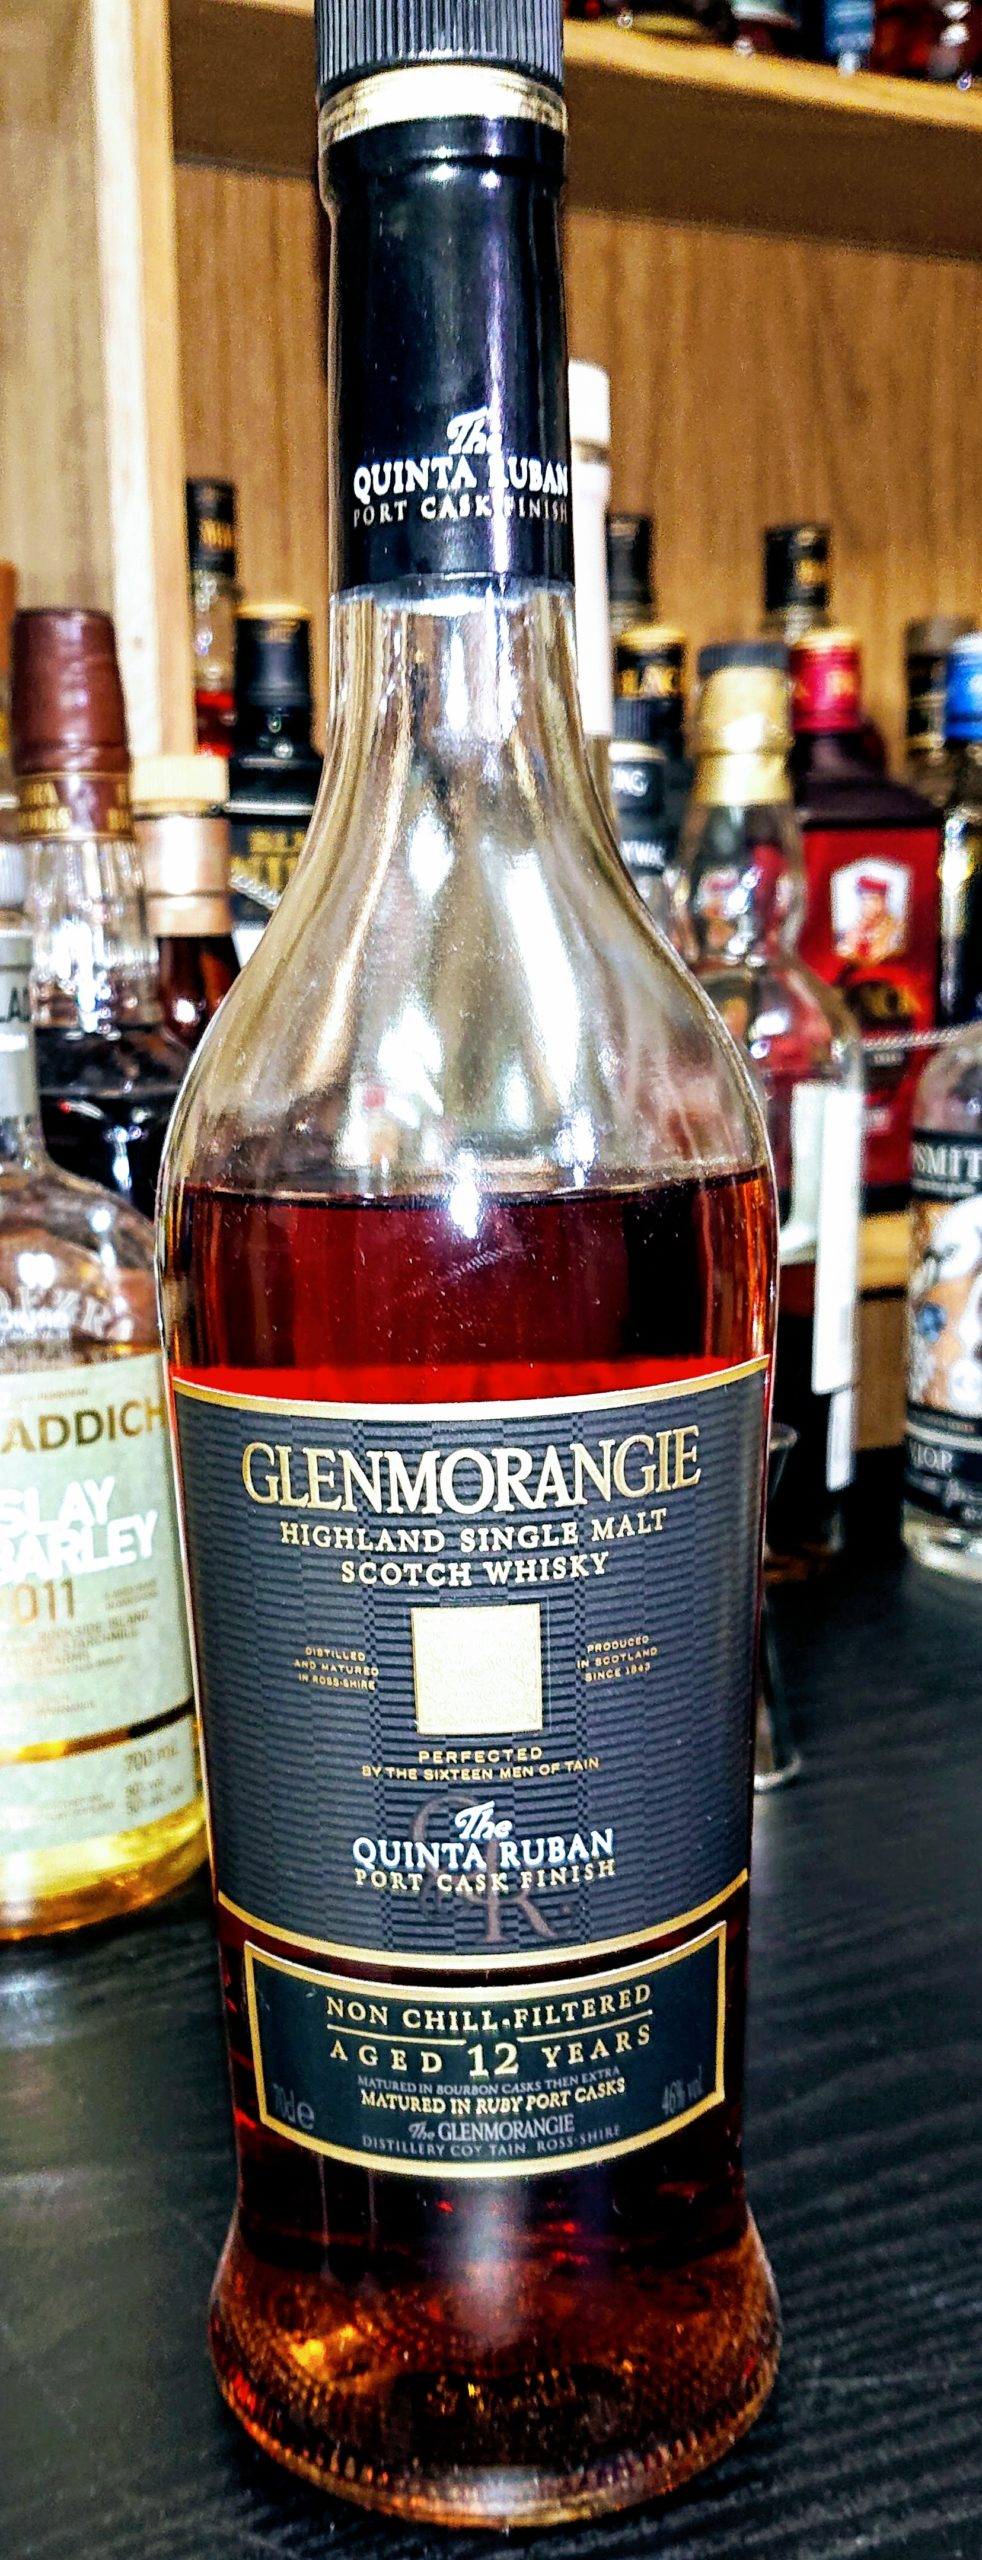 グレンモーレンジィキンタルバン12年のテイスティング・ルビーポートワイン樽にて追熟。まるでココア・チョコ・ダークフルーツケーキ!なデザートウィスキー